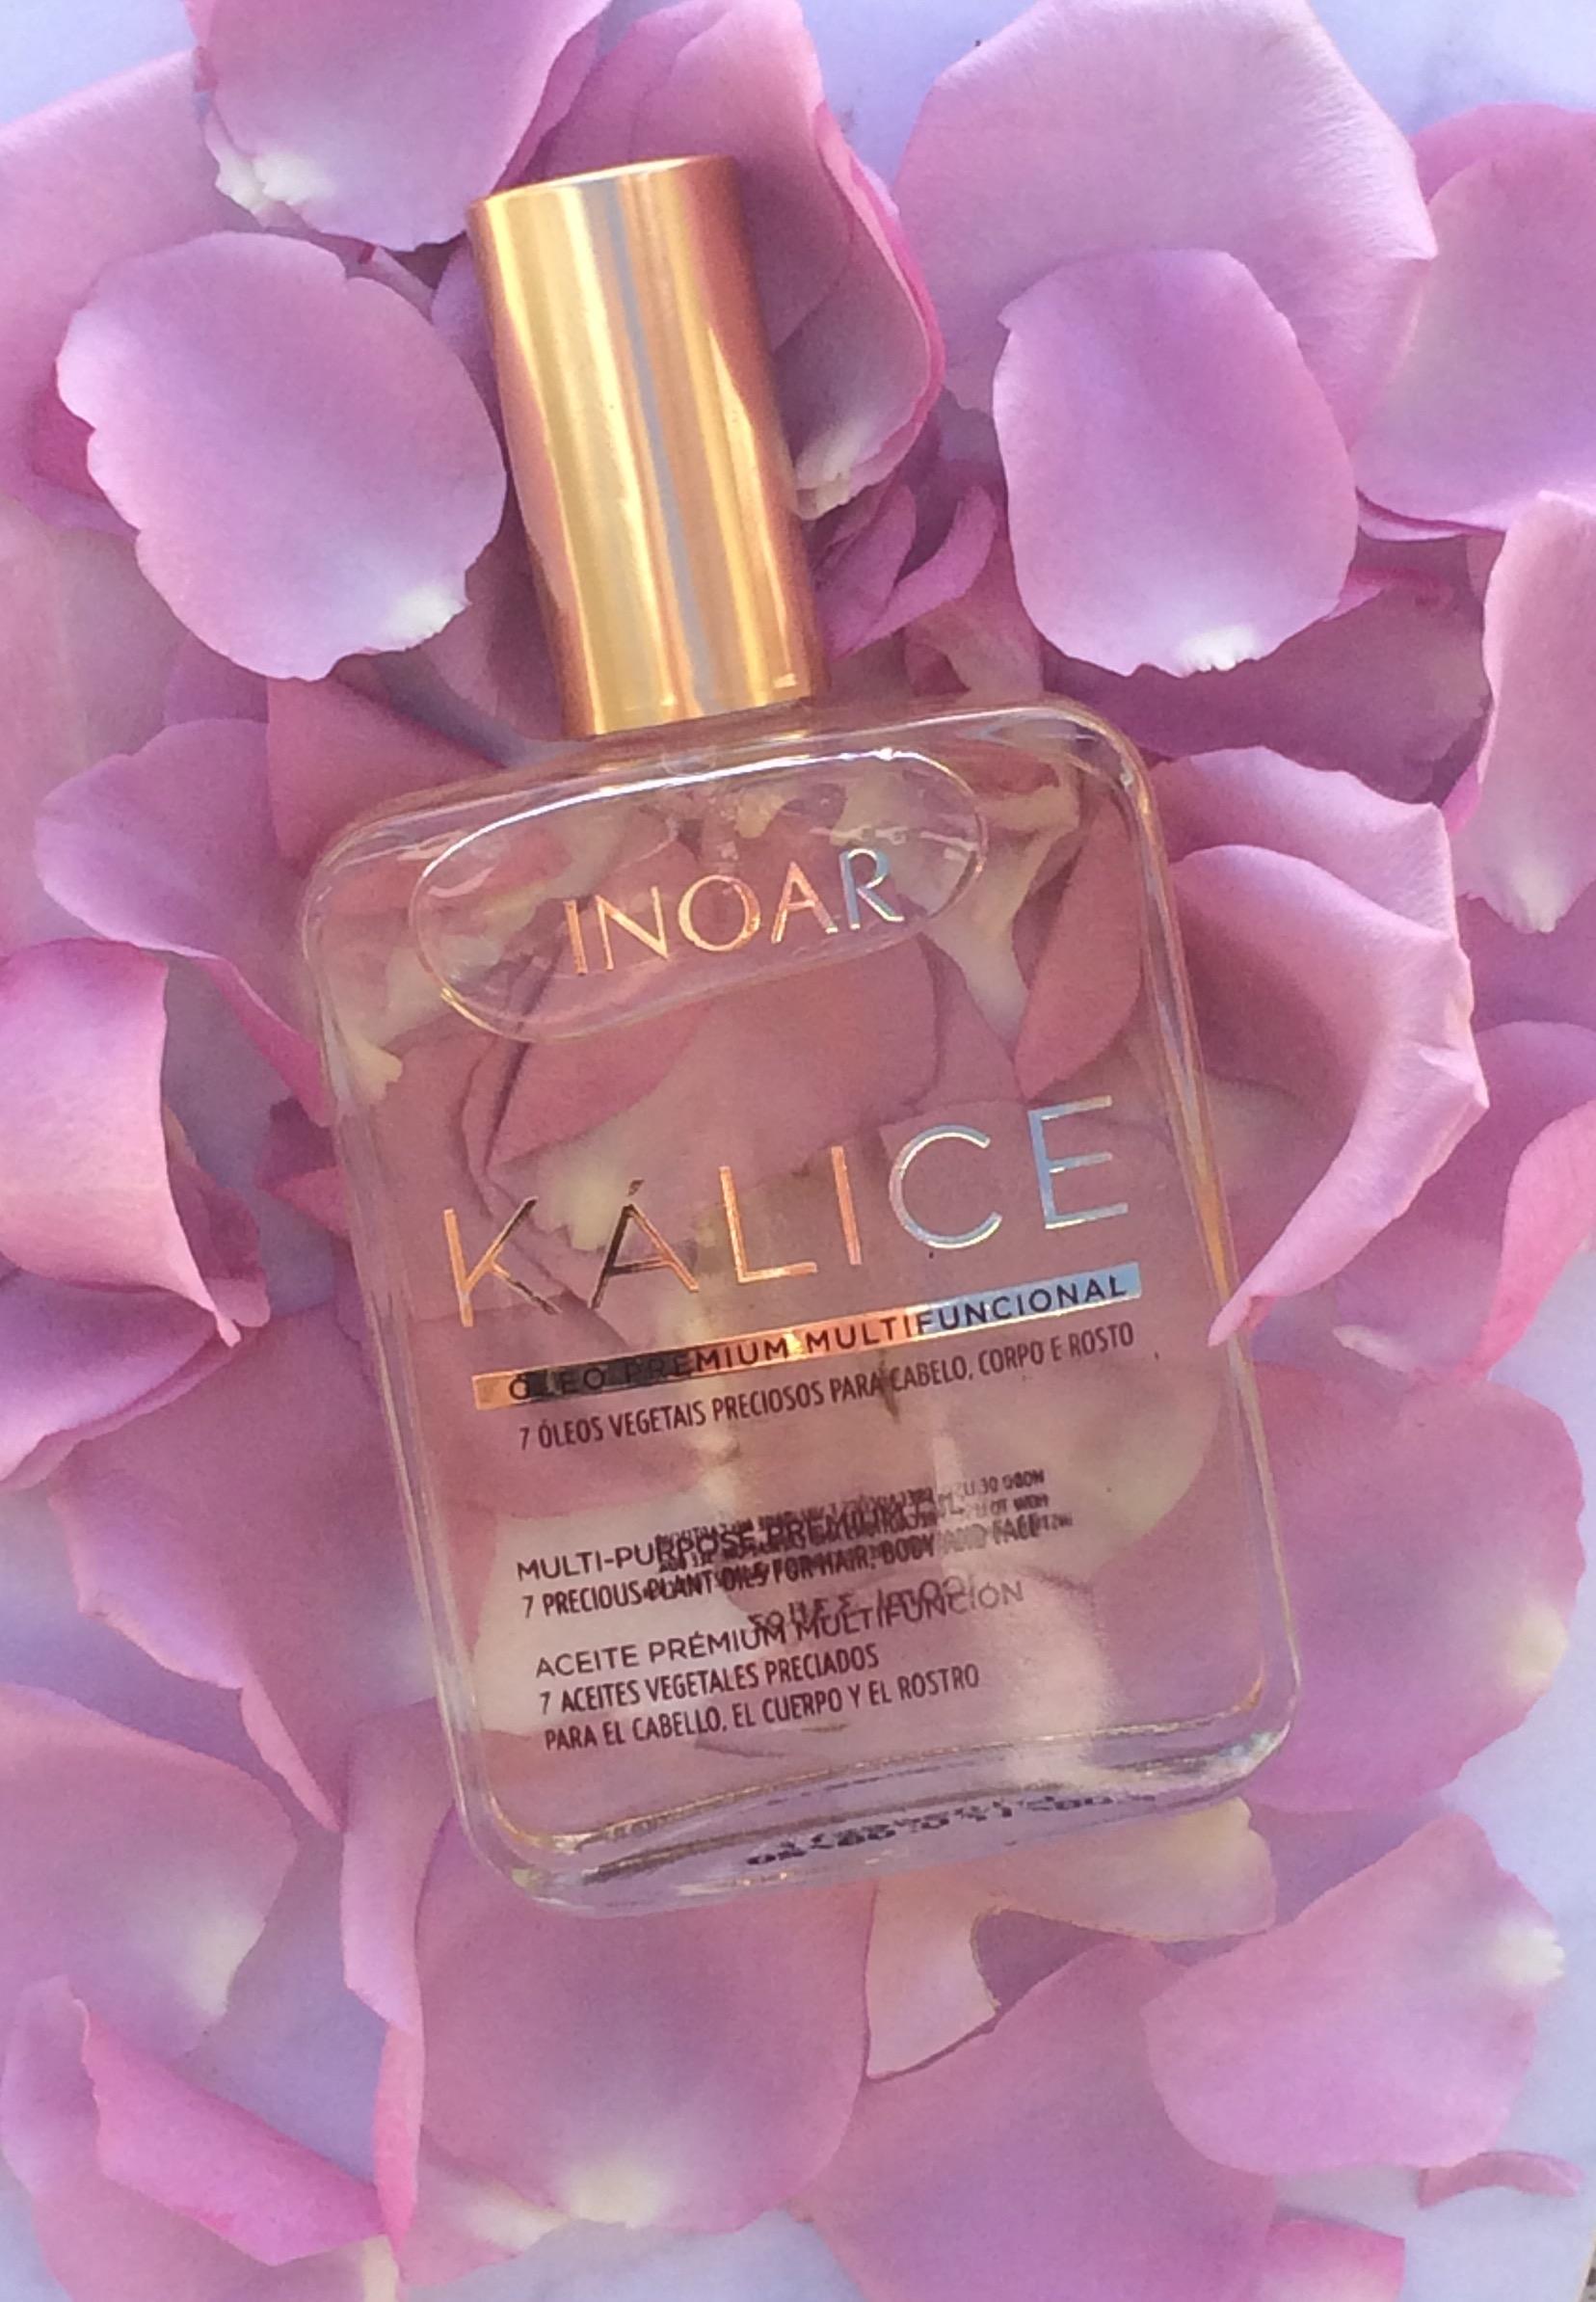 INOAR Kalice Mulit-purpose premium oil